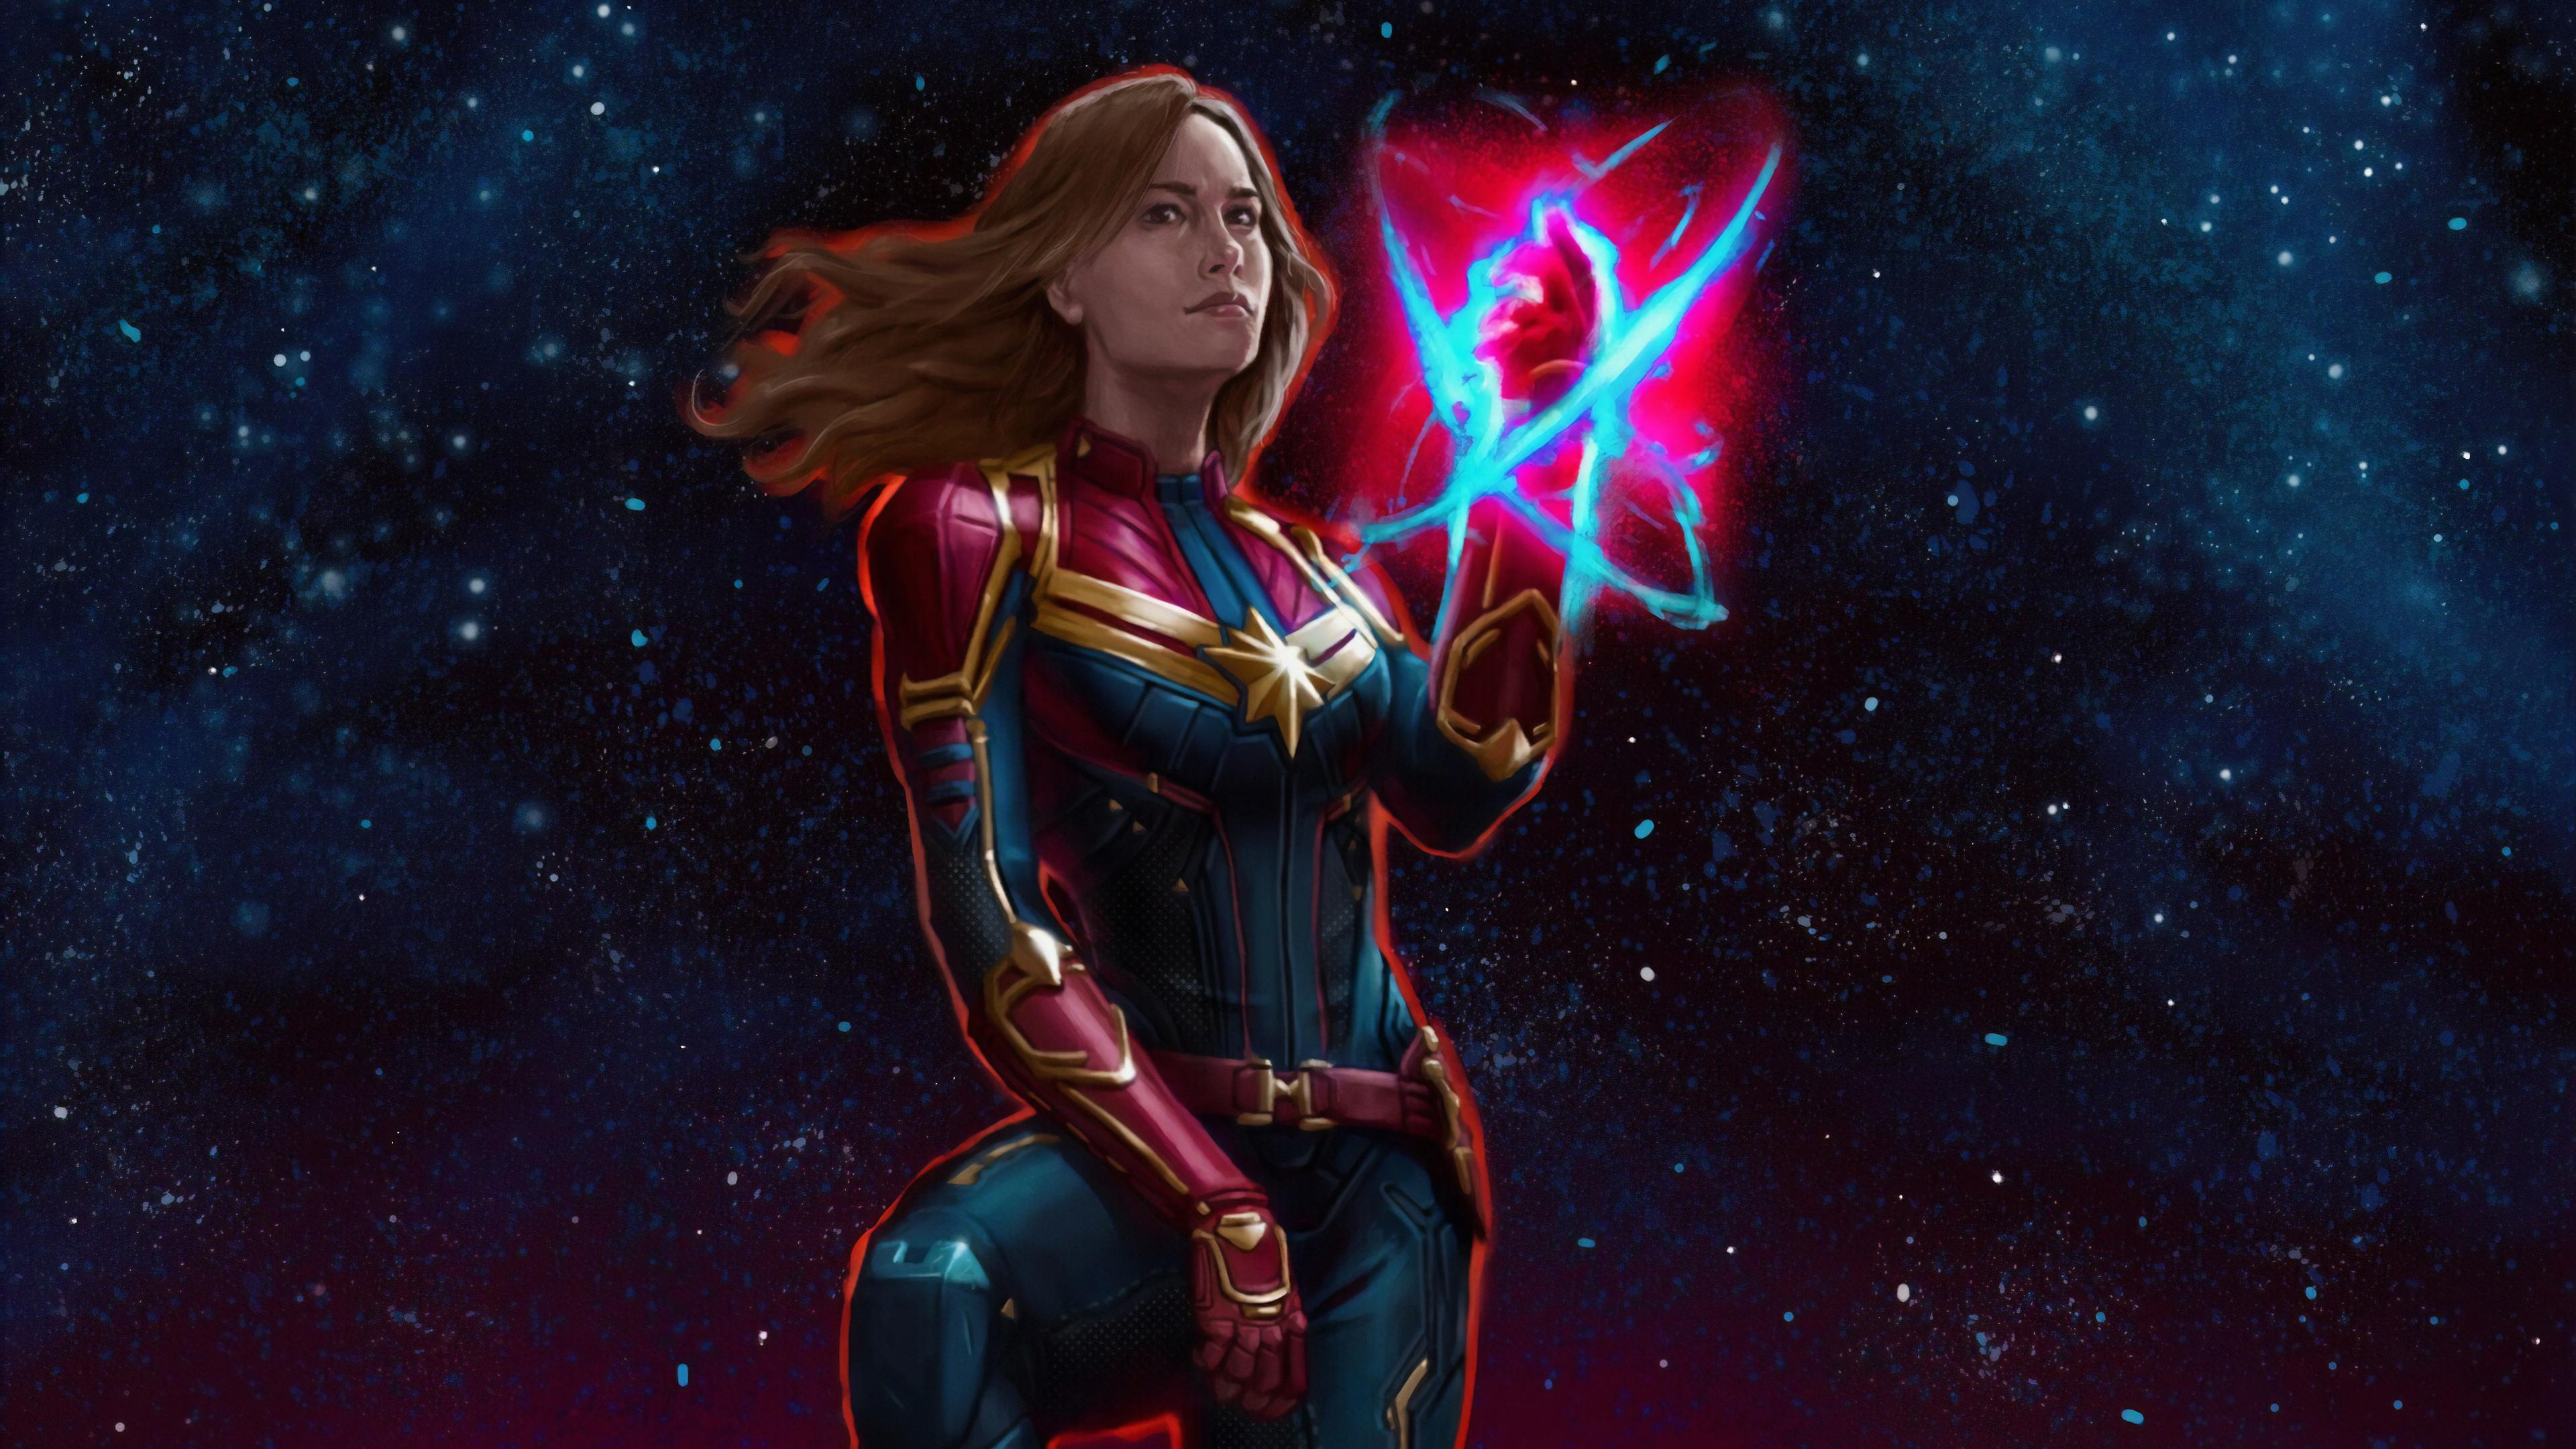 captain miss marvel 1570918481 - Captain Miss Marvel - superheroes wallpapers, hd-wallpapers, captain marvel wallpapers, artwork wallpapers, art wallpapers, 4k-wallpapers